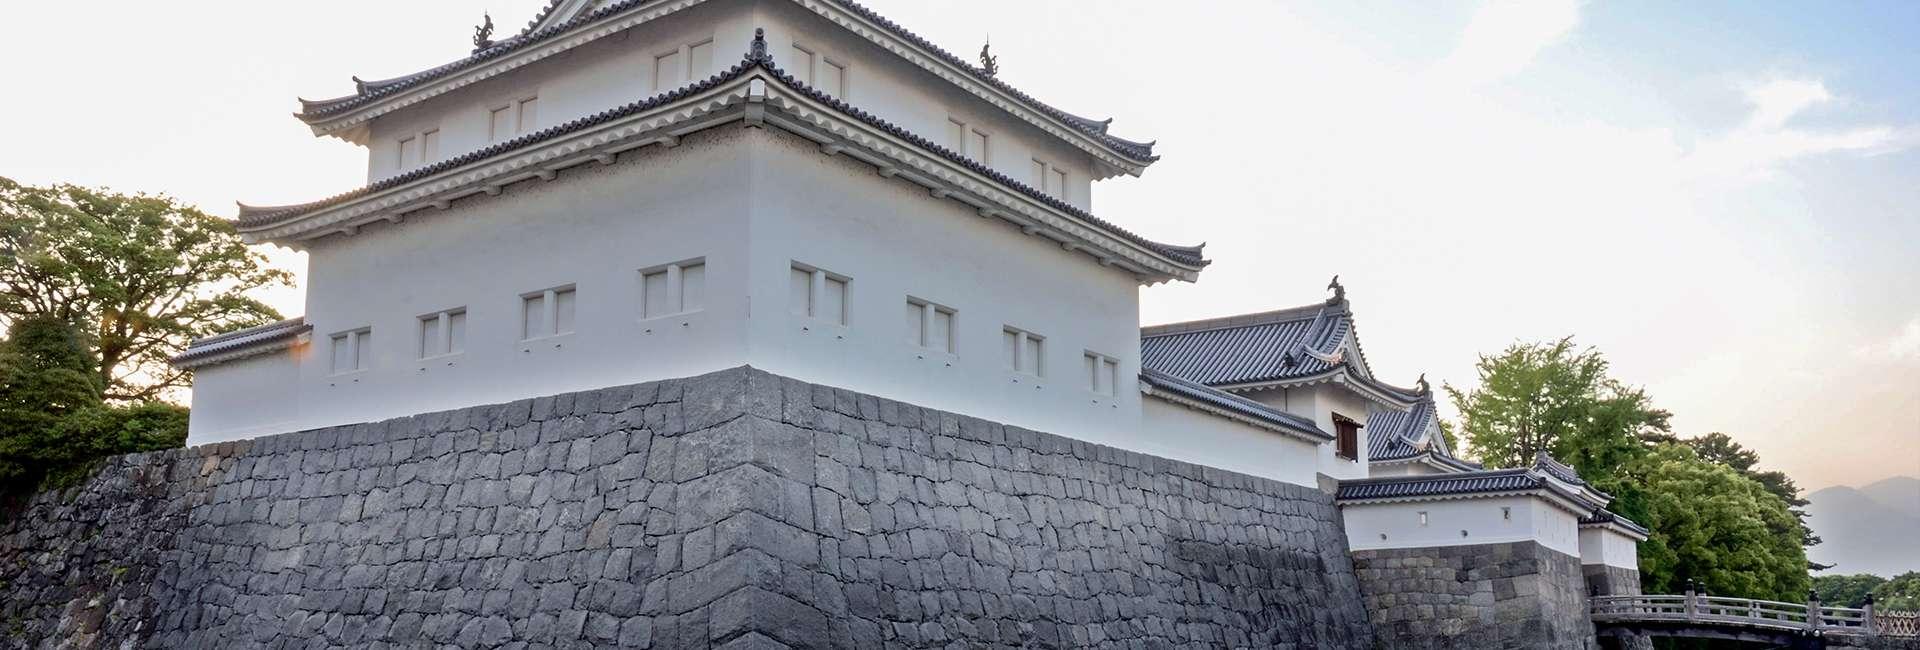 château de Sumpu à Shizuoka